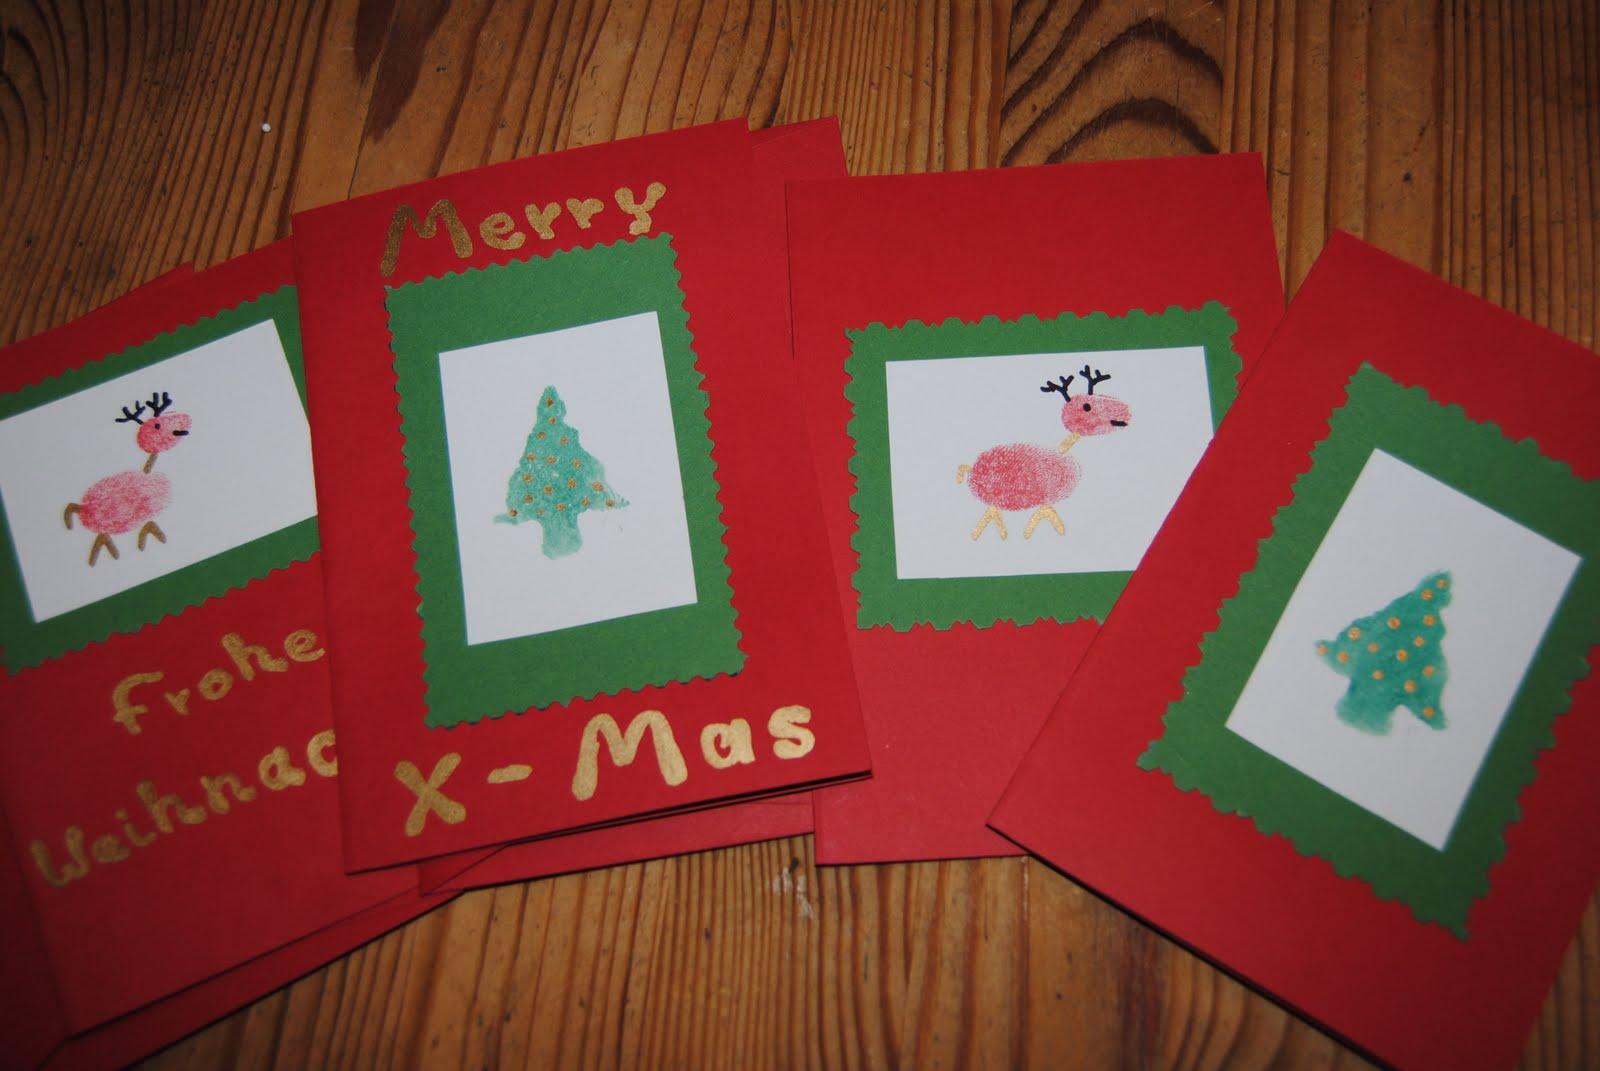 Karlas chaosecke eine s e bastelidee o for Weihnachtskarten mit kindern basteln